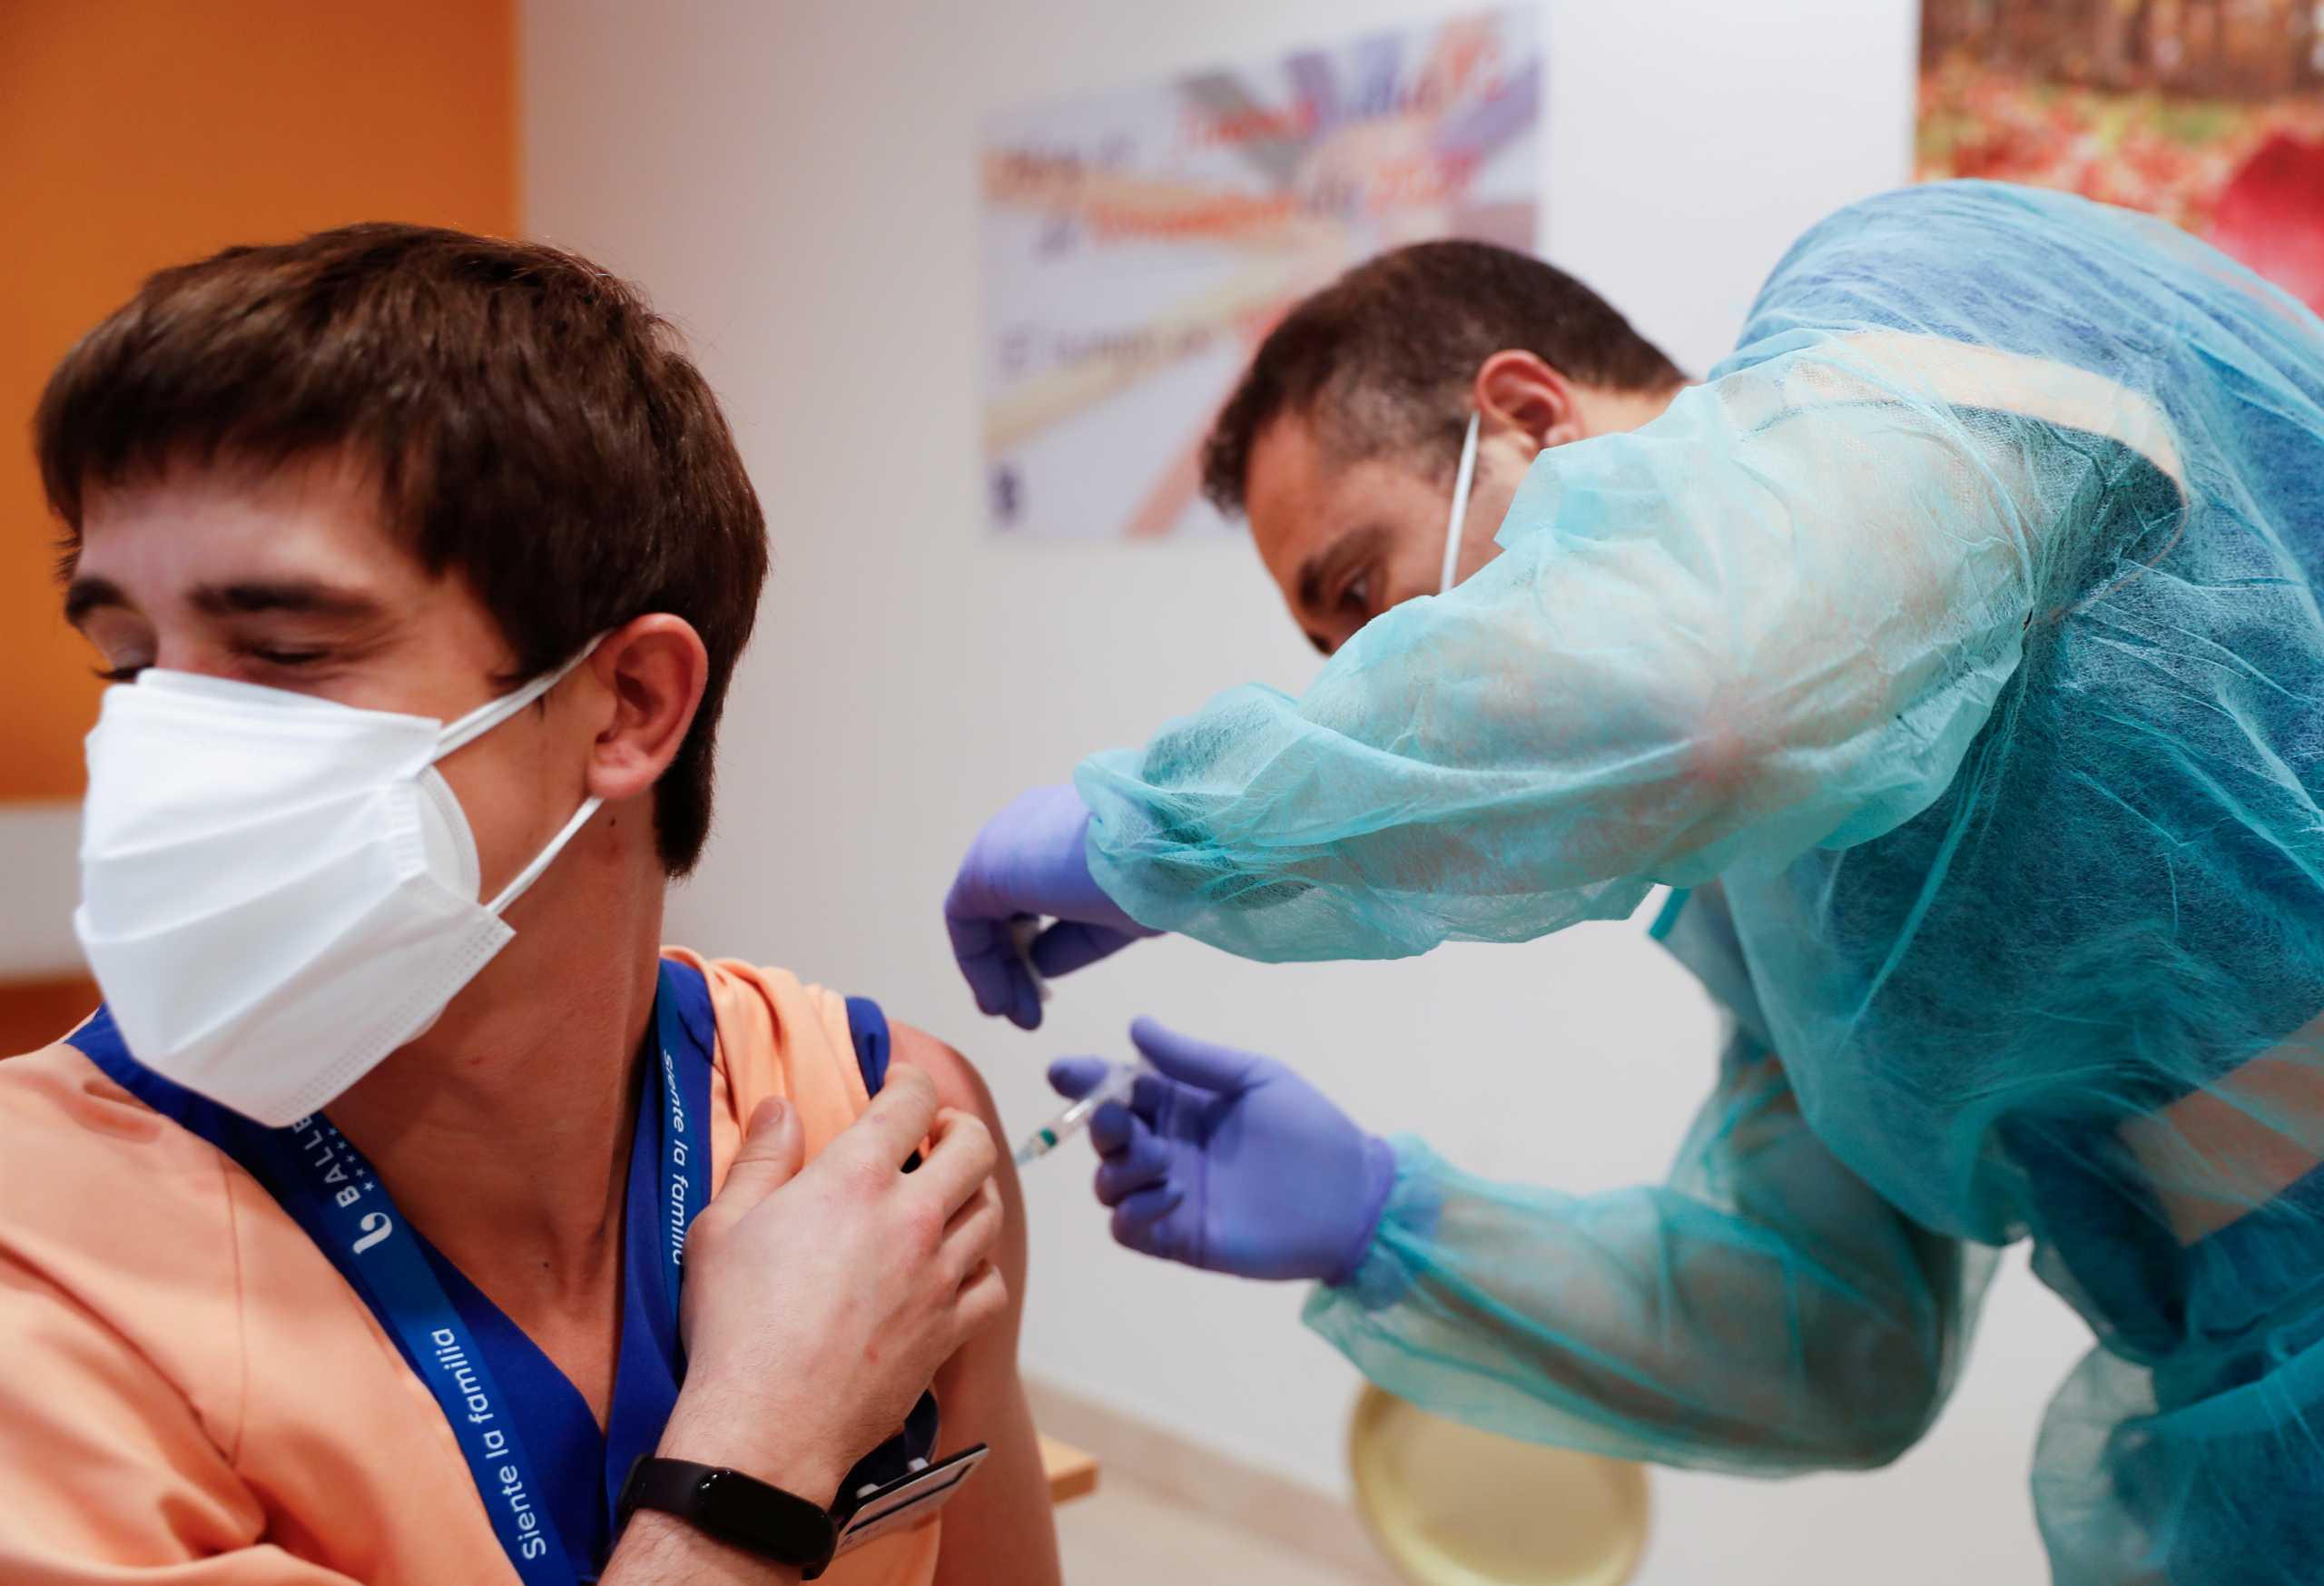 Κορονοϊός: Ποιοι αναπτύσσουν αντισώματα πριν από τη δεύτερη δόση του εμβολίου της Pfizer